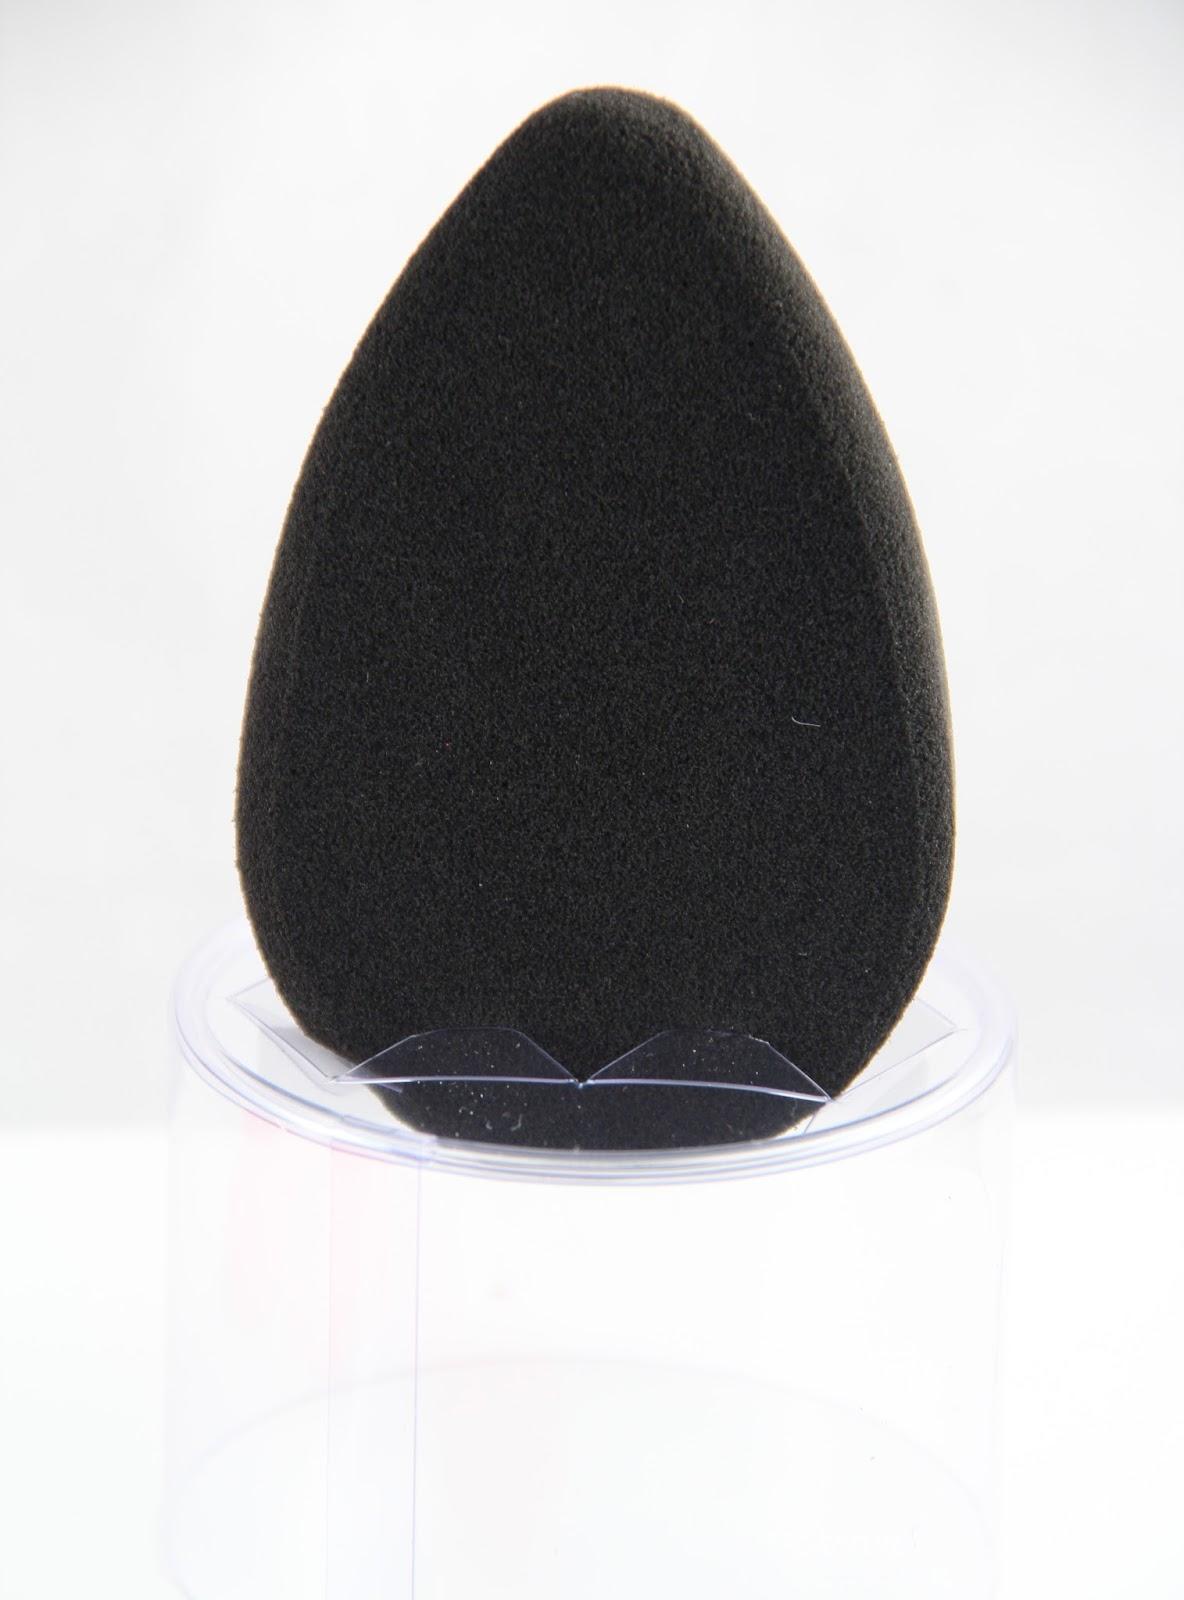 Piirretty seisova muna karvainen pimppi lesboja pakotettu homoiluun tarinat sex Ilmaiset iso kulli virtsaa nahkamies panee naisea.